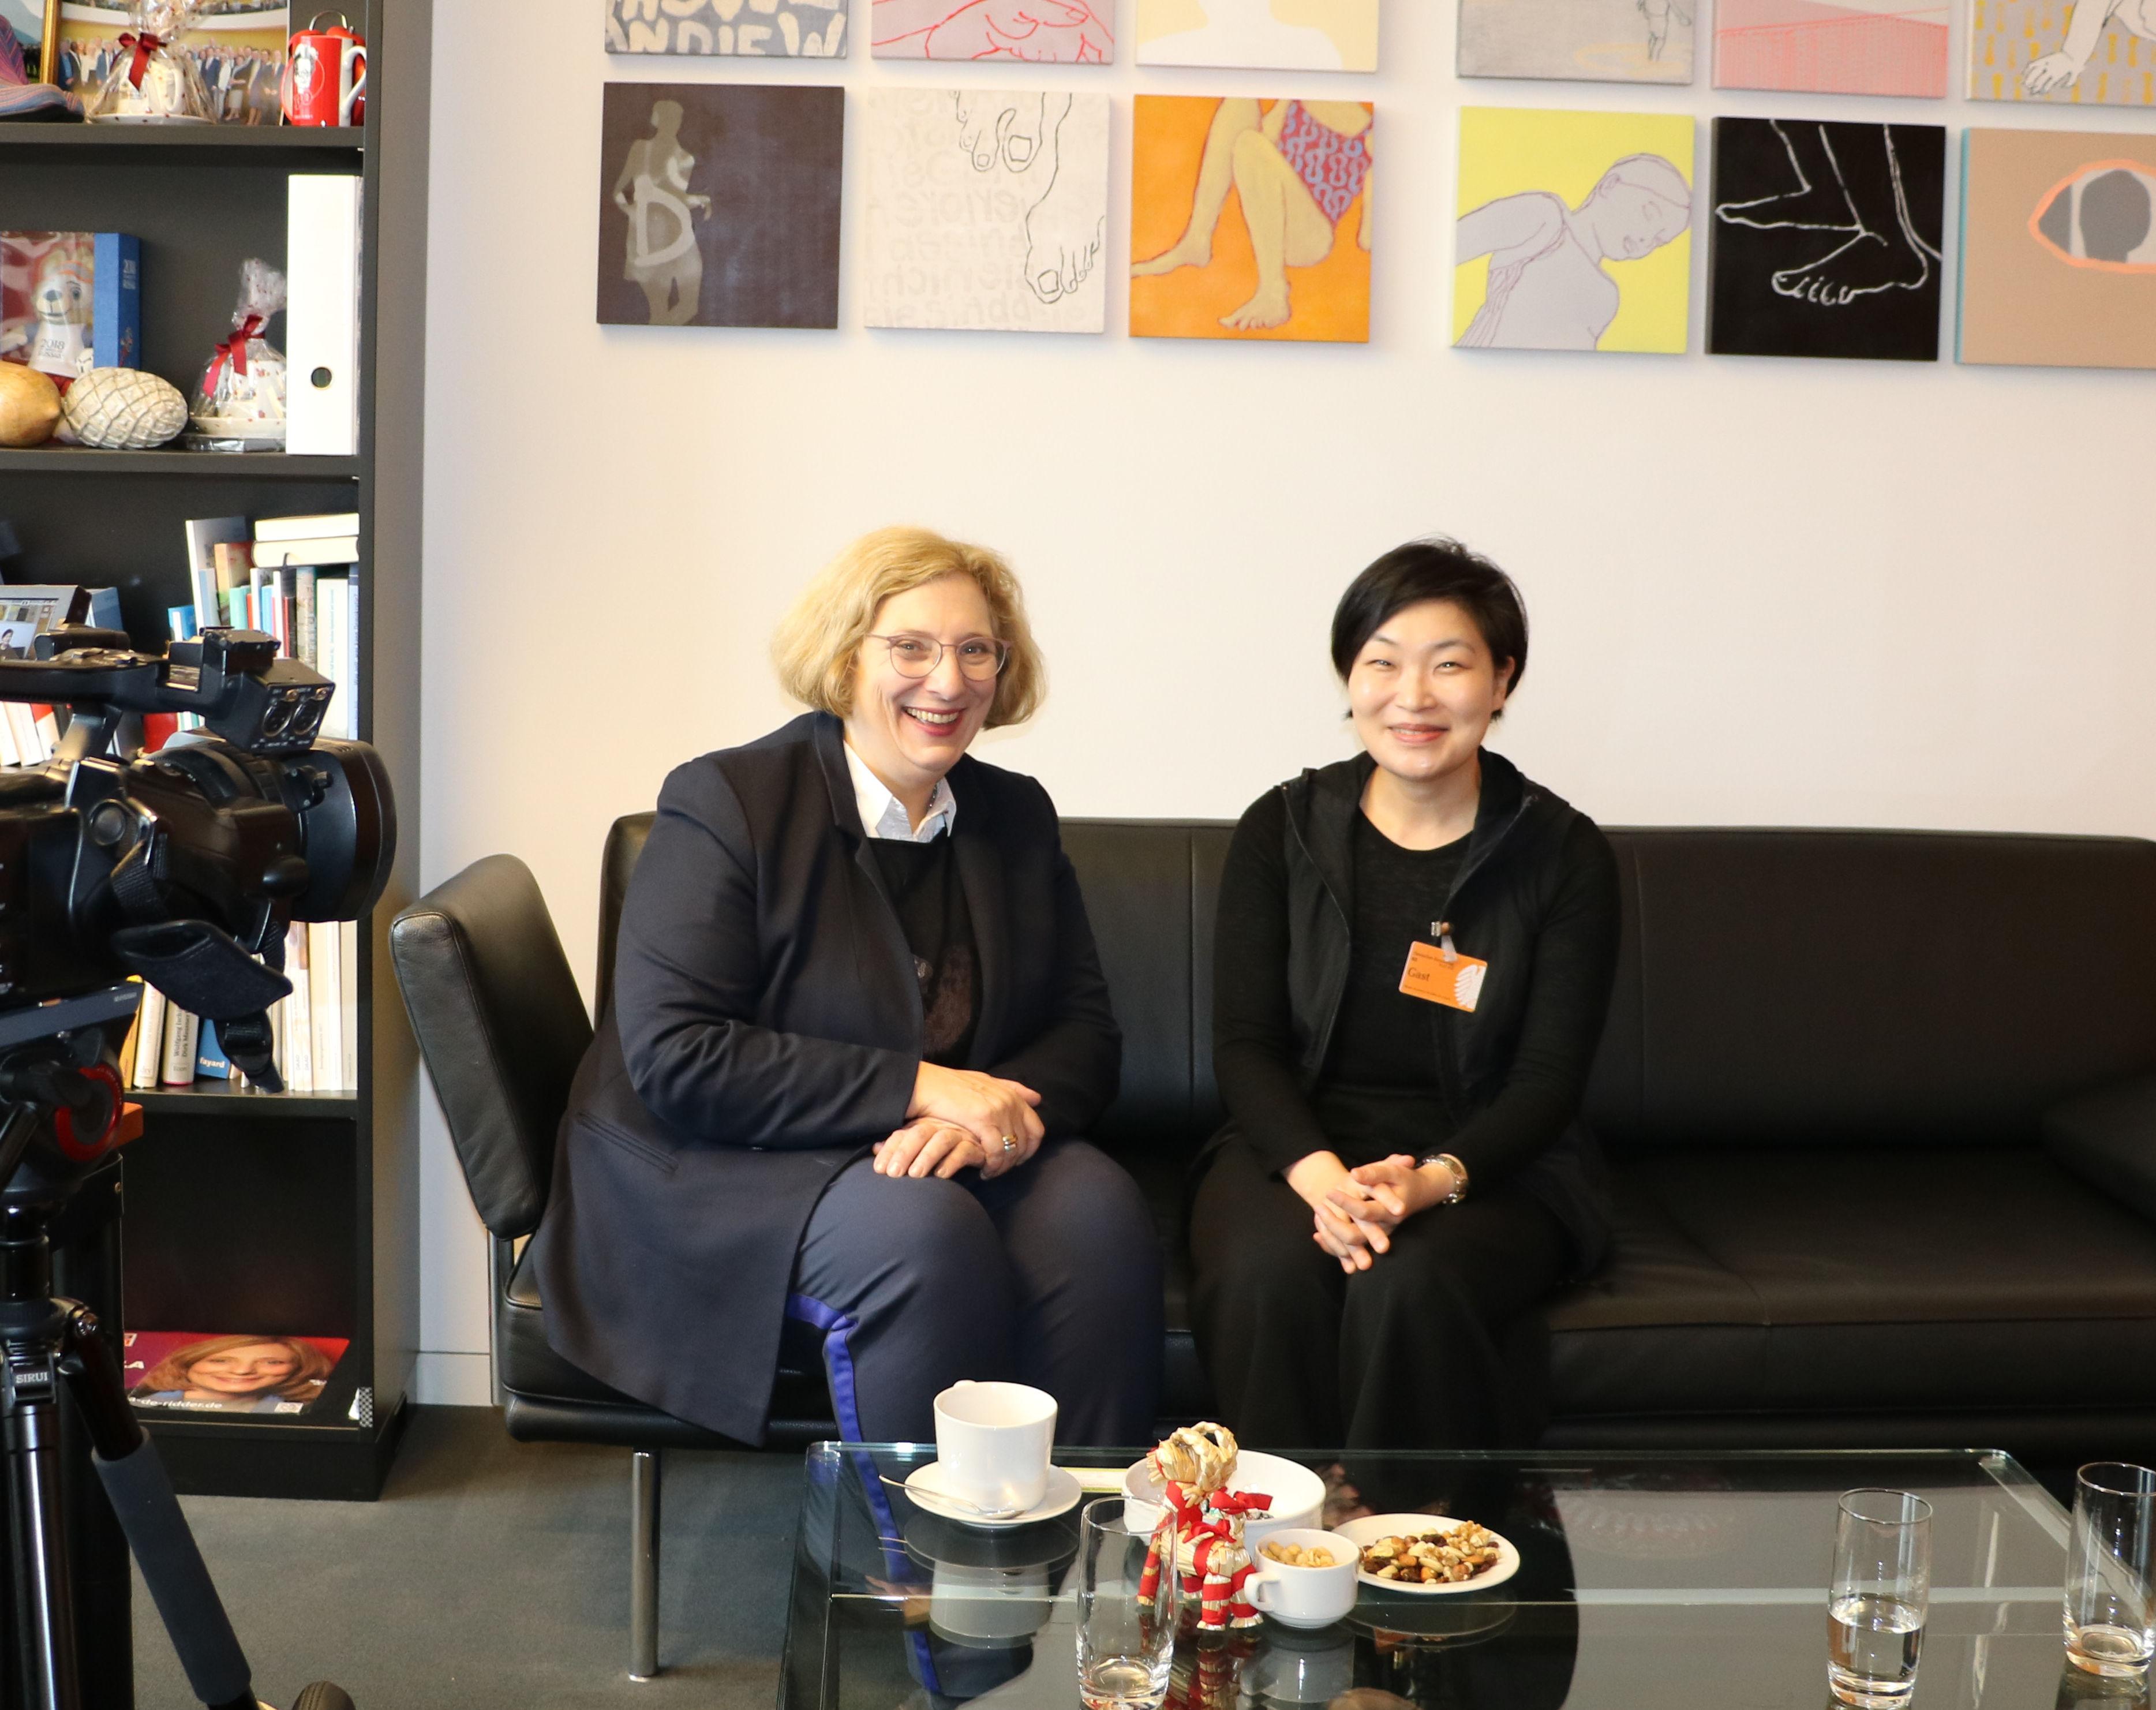 Dr. Daniela De Ridder im Interview mit koreanischem Fernsehen